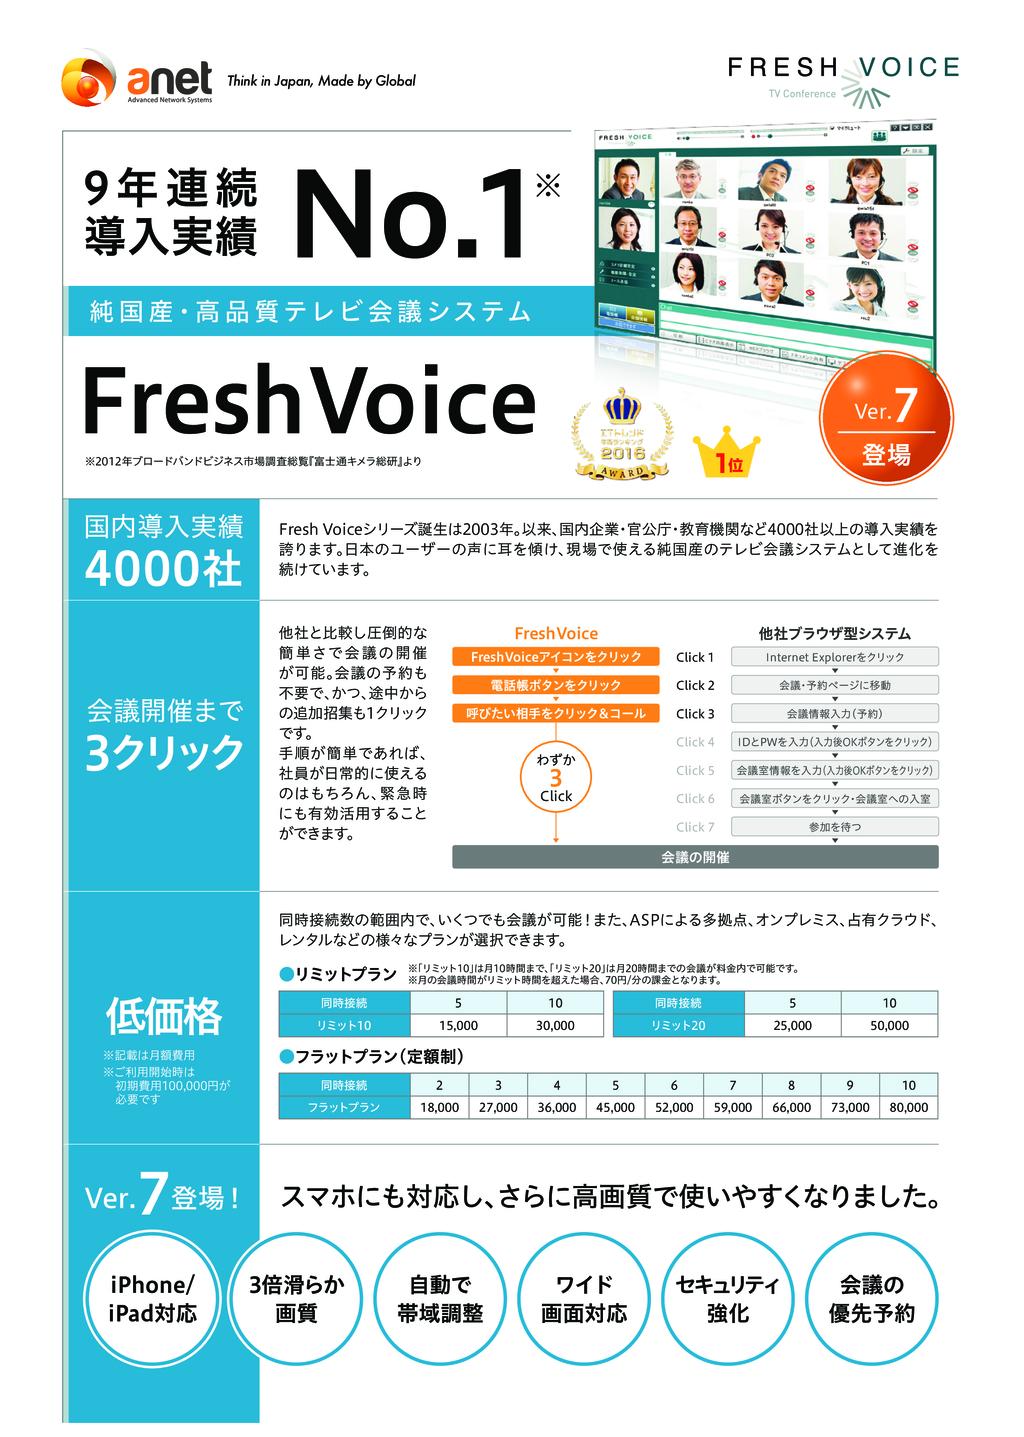 テレビ会議システム FreshVoice(フレッシュボイス)の資料